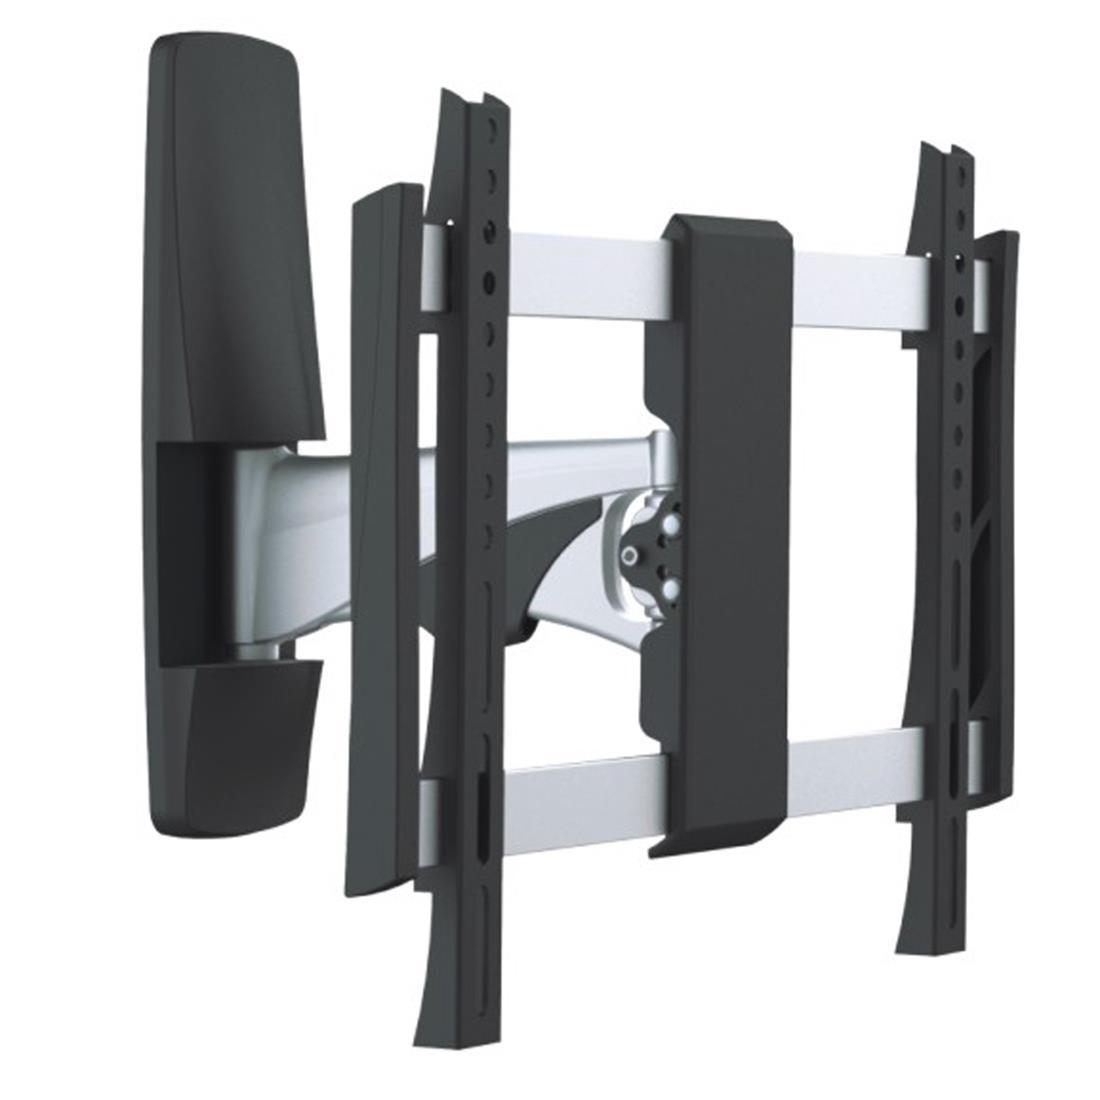 """Suporte Articulável para TV LCD, LED, PLASMA, 3D de 23""""´ até 42´"""" Brasforma LPA19-242"""